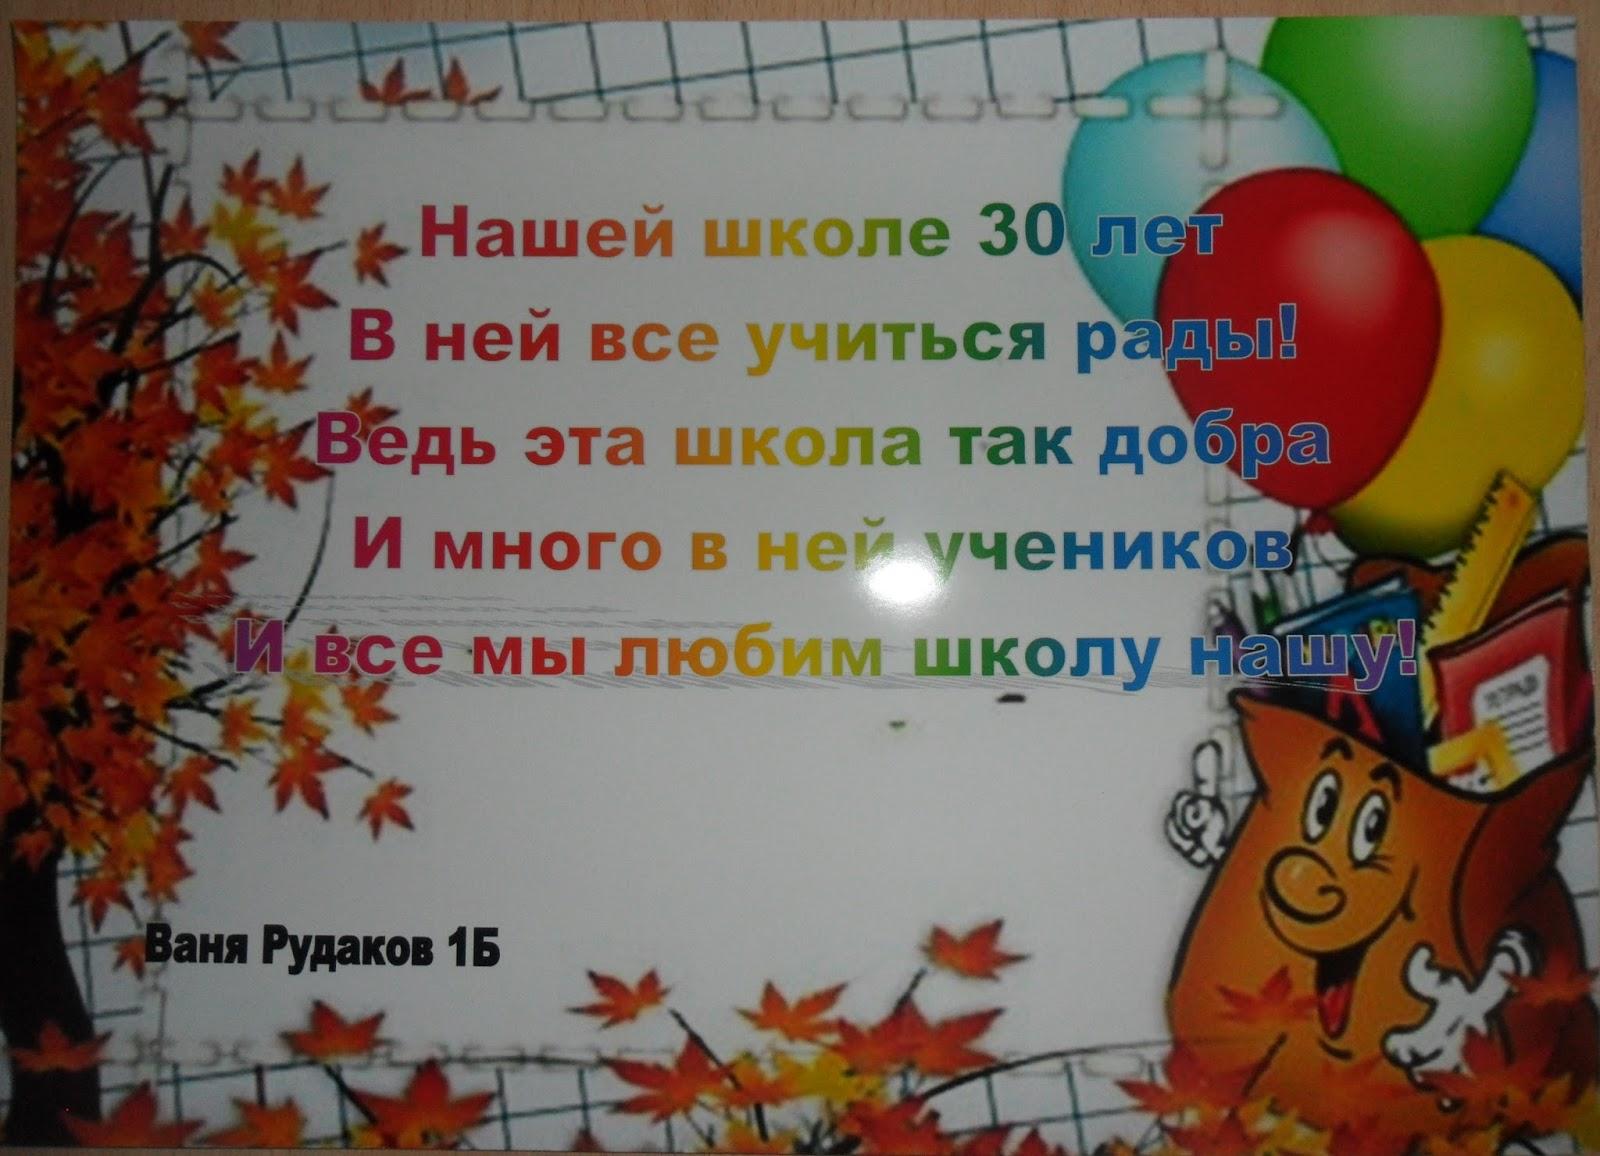 Поздравление родителей с днем рождения школа